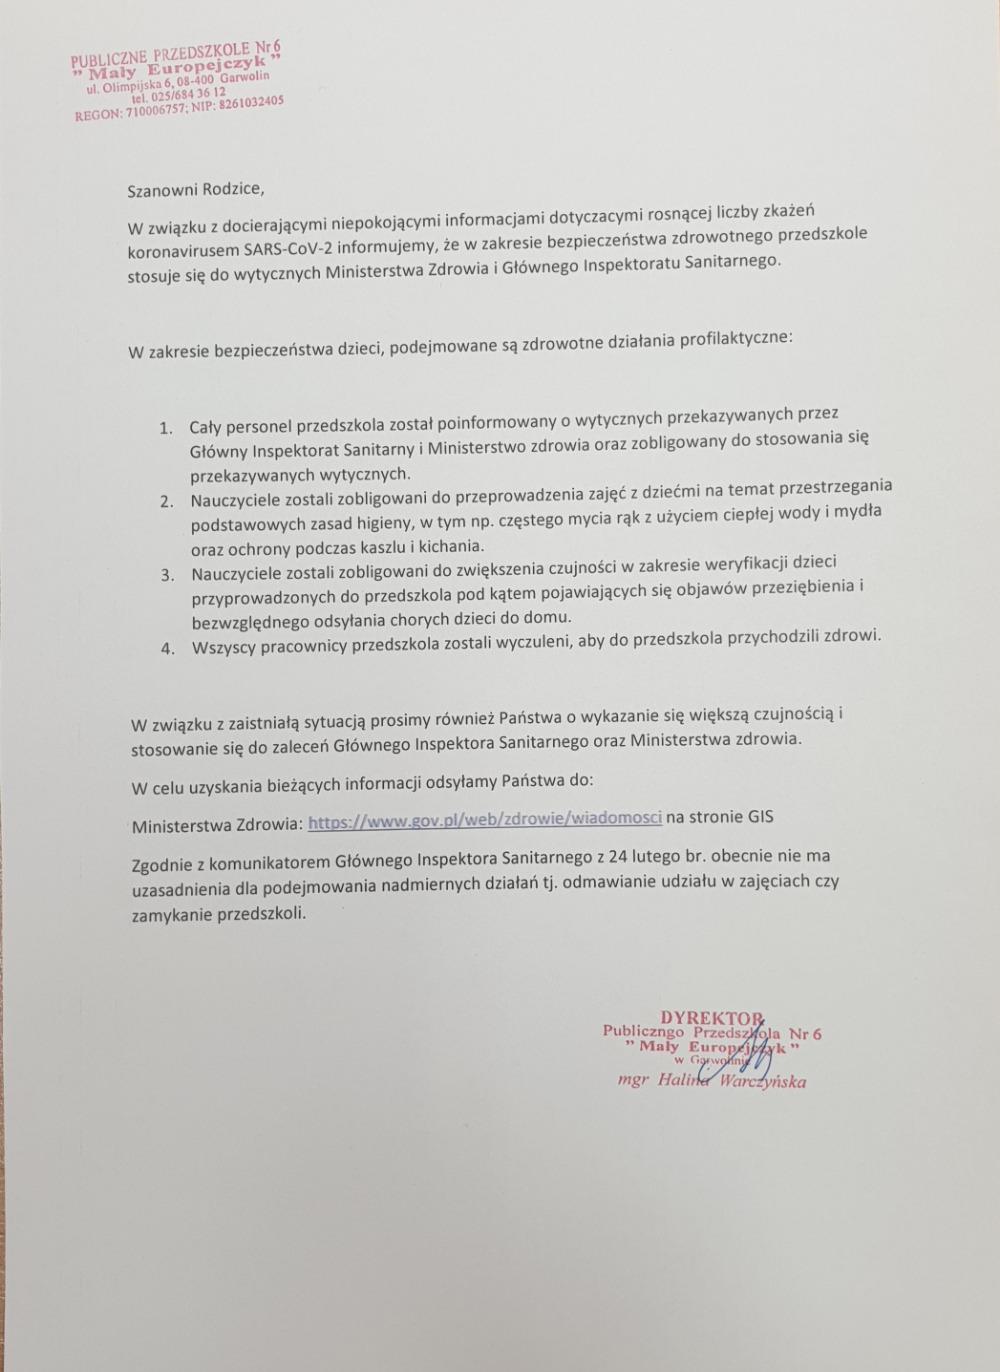 Informacja w zakresie bezpieczeństwa dotyczącego działań profilaktycznych koronawirusa w PP6 dla rodziców 10.03.2020